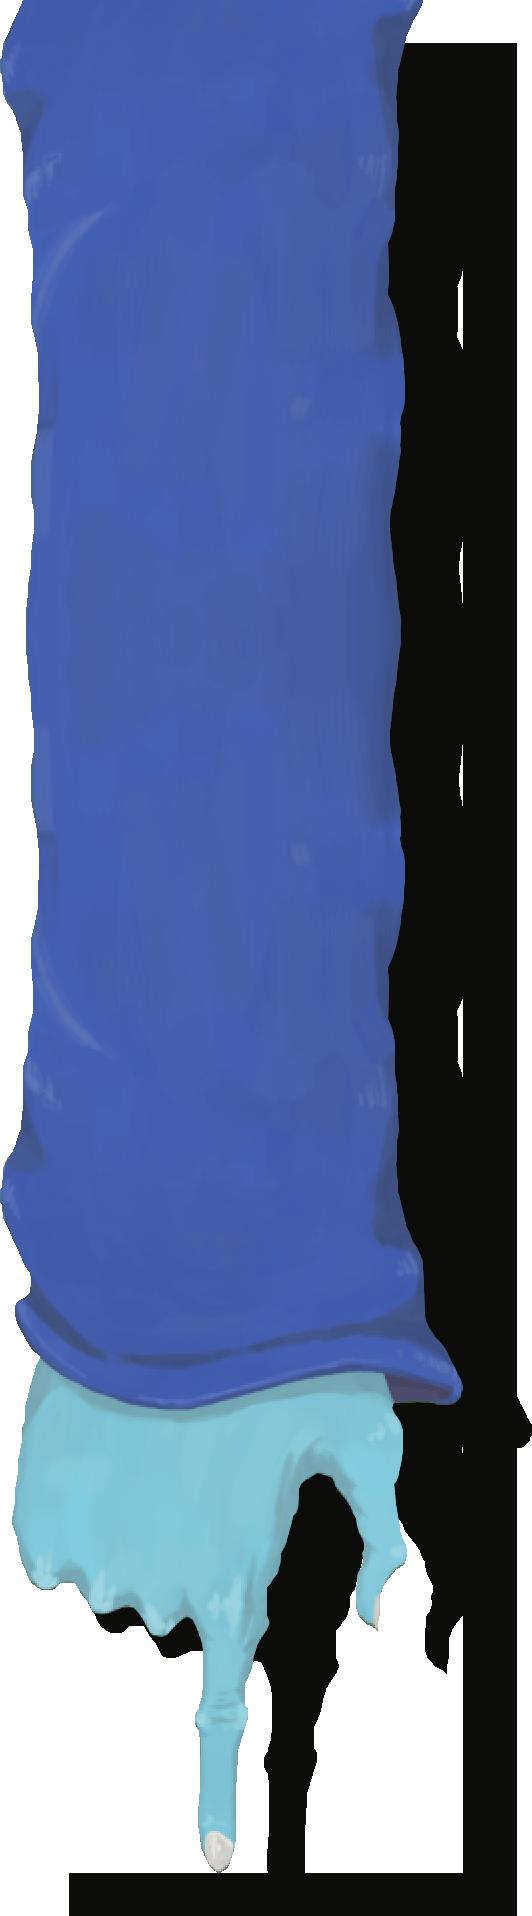 Arm with blue sleeve